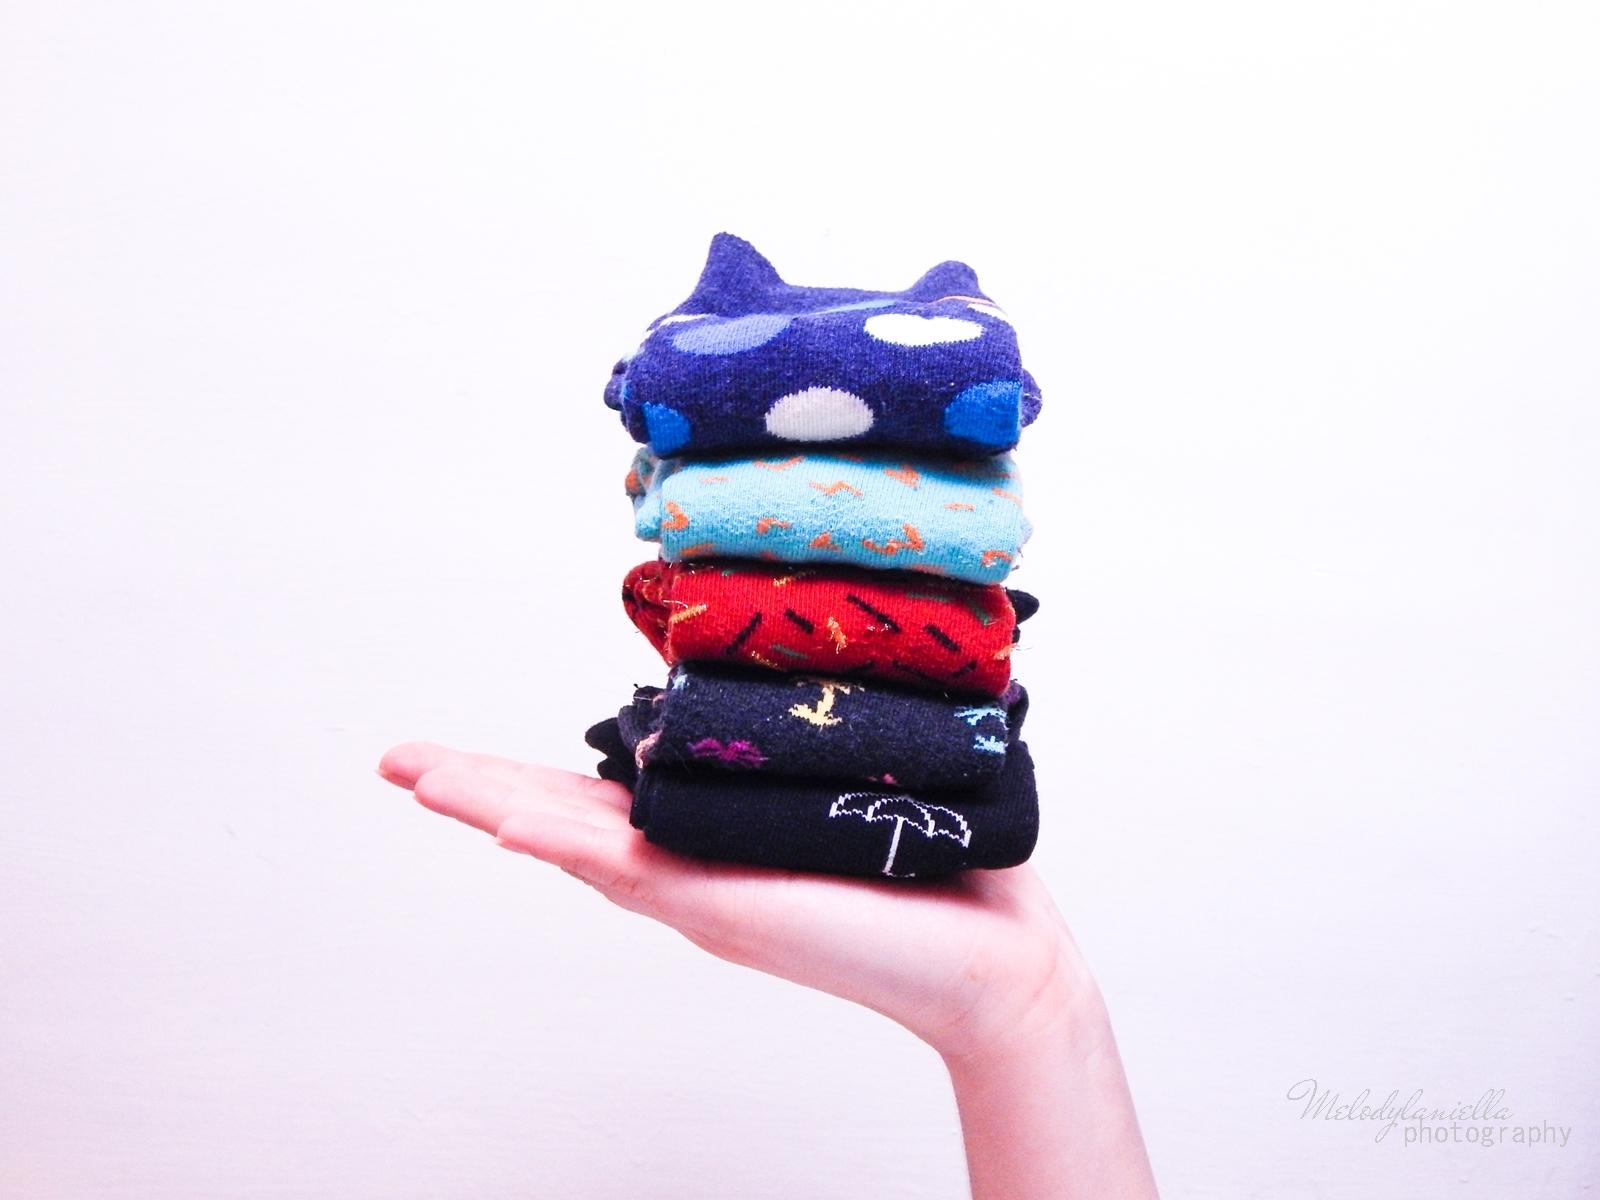 9 HappySocks Happy Socks Sweden ciekawe kolorowe skarpetki melodylaniella pomysły na prezent ciekawe dodatki do stylizacji skarpety we wzory wzorki skarpetki dla chłopaka skarpetki dla dziewczyny moda